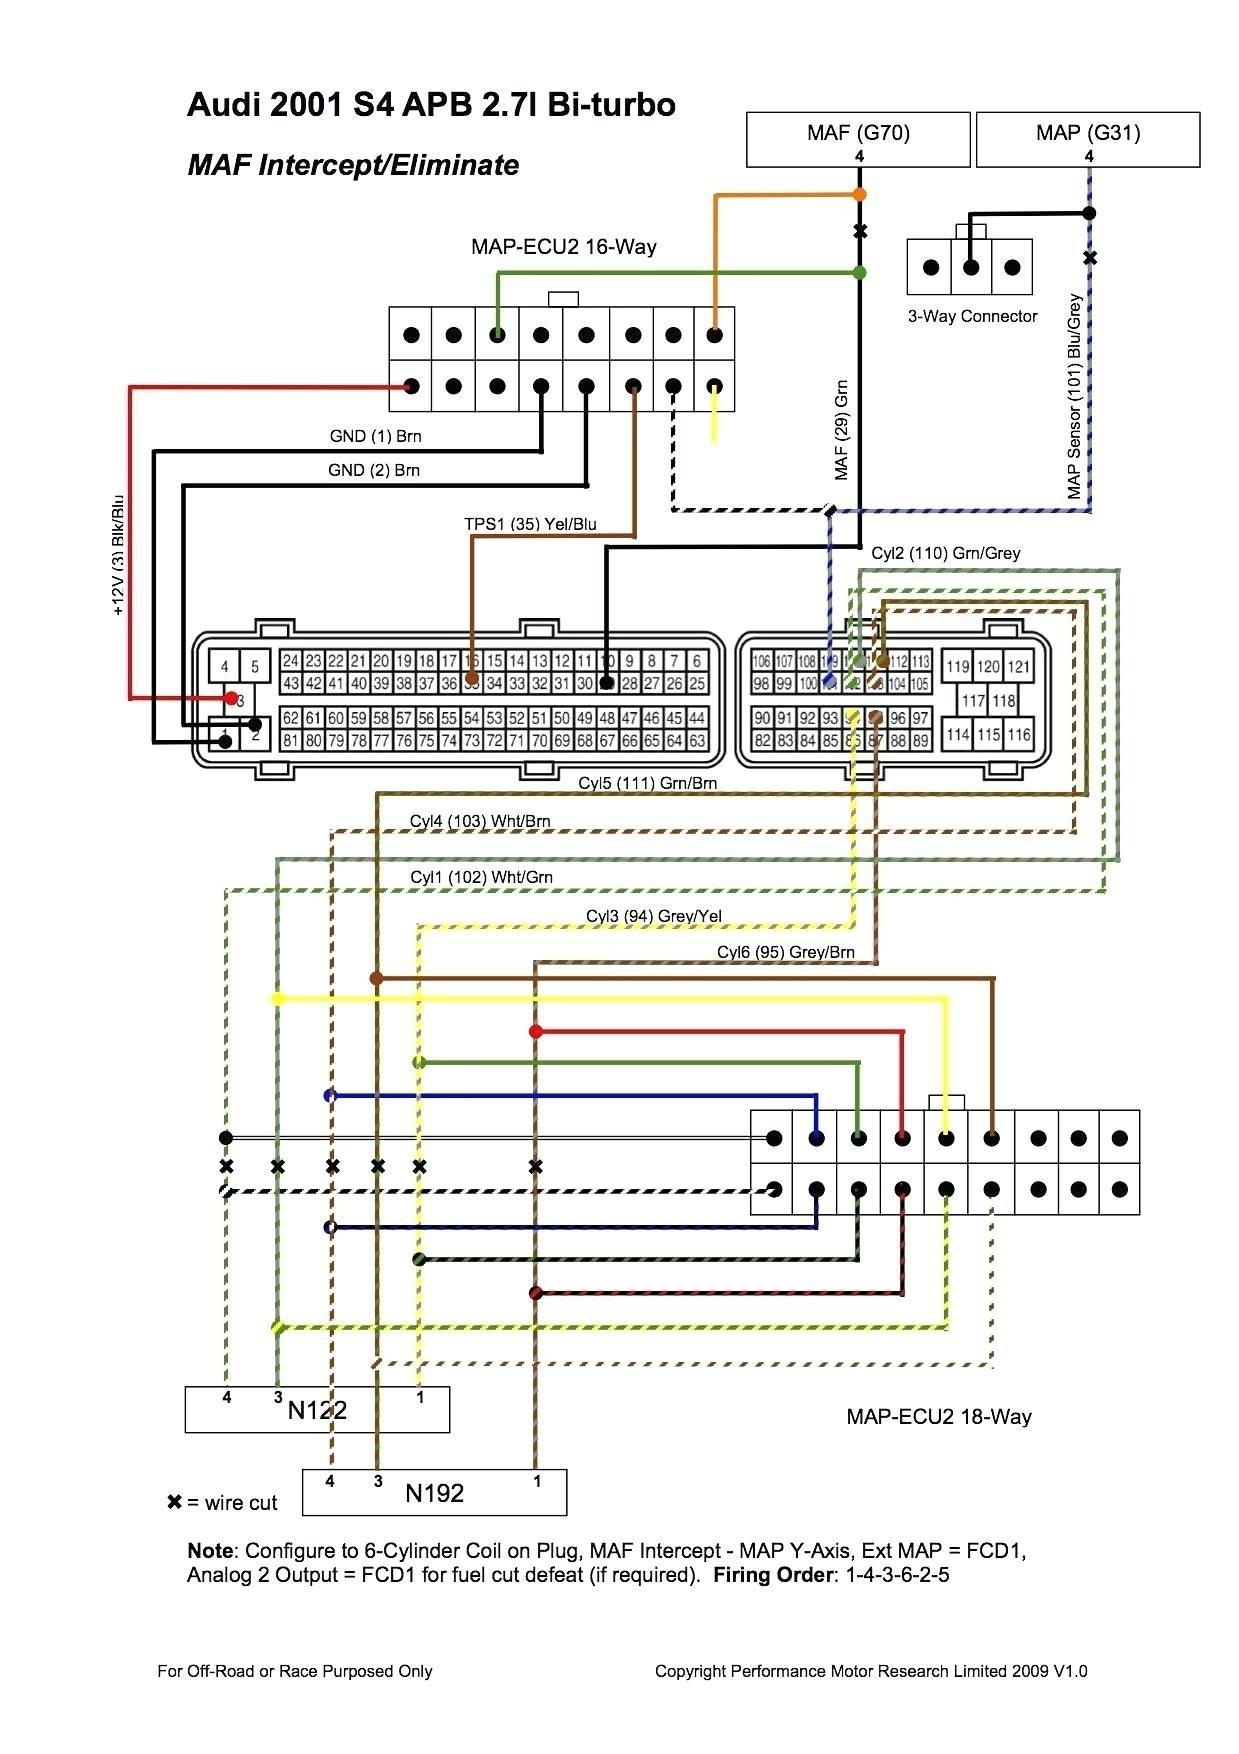 98 Dodge Neon Engine Diagram 96 Dodge Neon Radio Wiring Data Schematics Wiring Diagram •